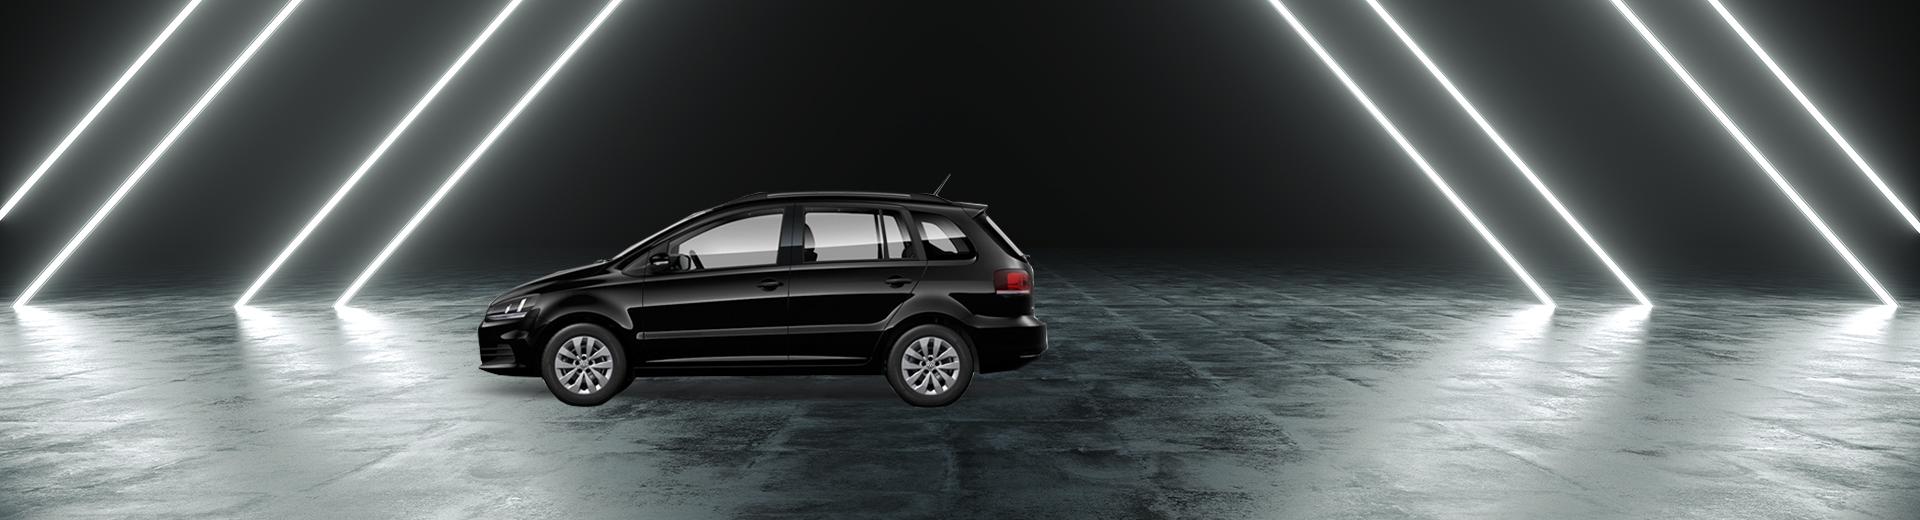 Novo Volkswagen SpaceFox para Comprar na Concessionária Autorizada Divosul Volkswagen em Porto União, Santa Catarina, SC